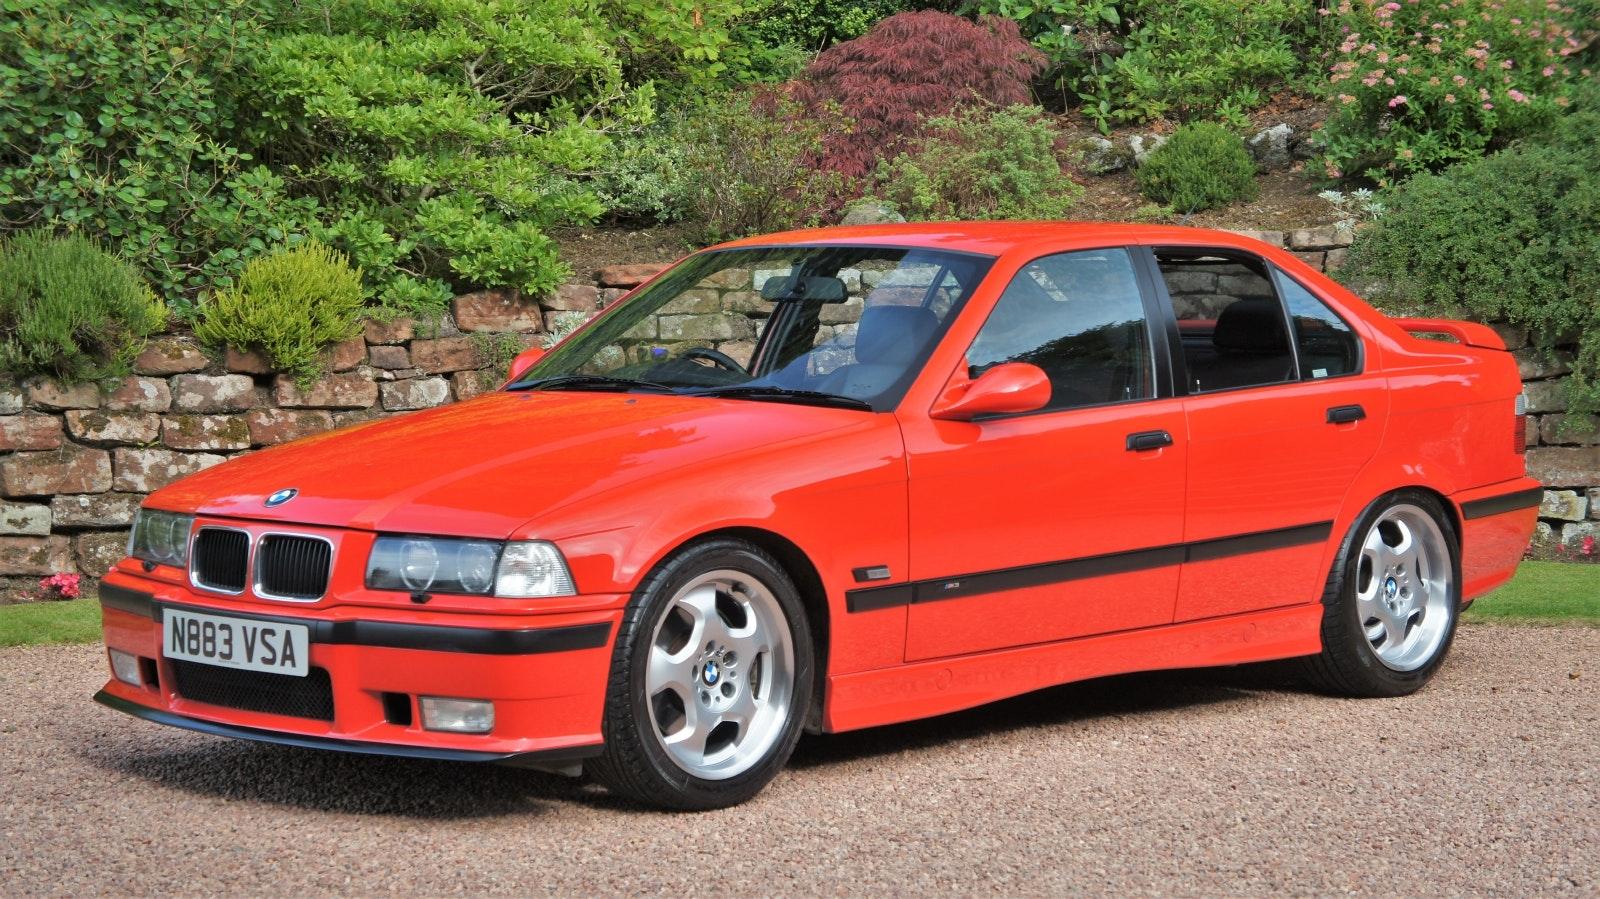 1995 Bmw E36 M3 3 0 Saloon